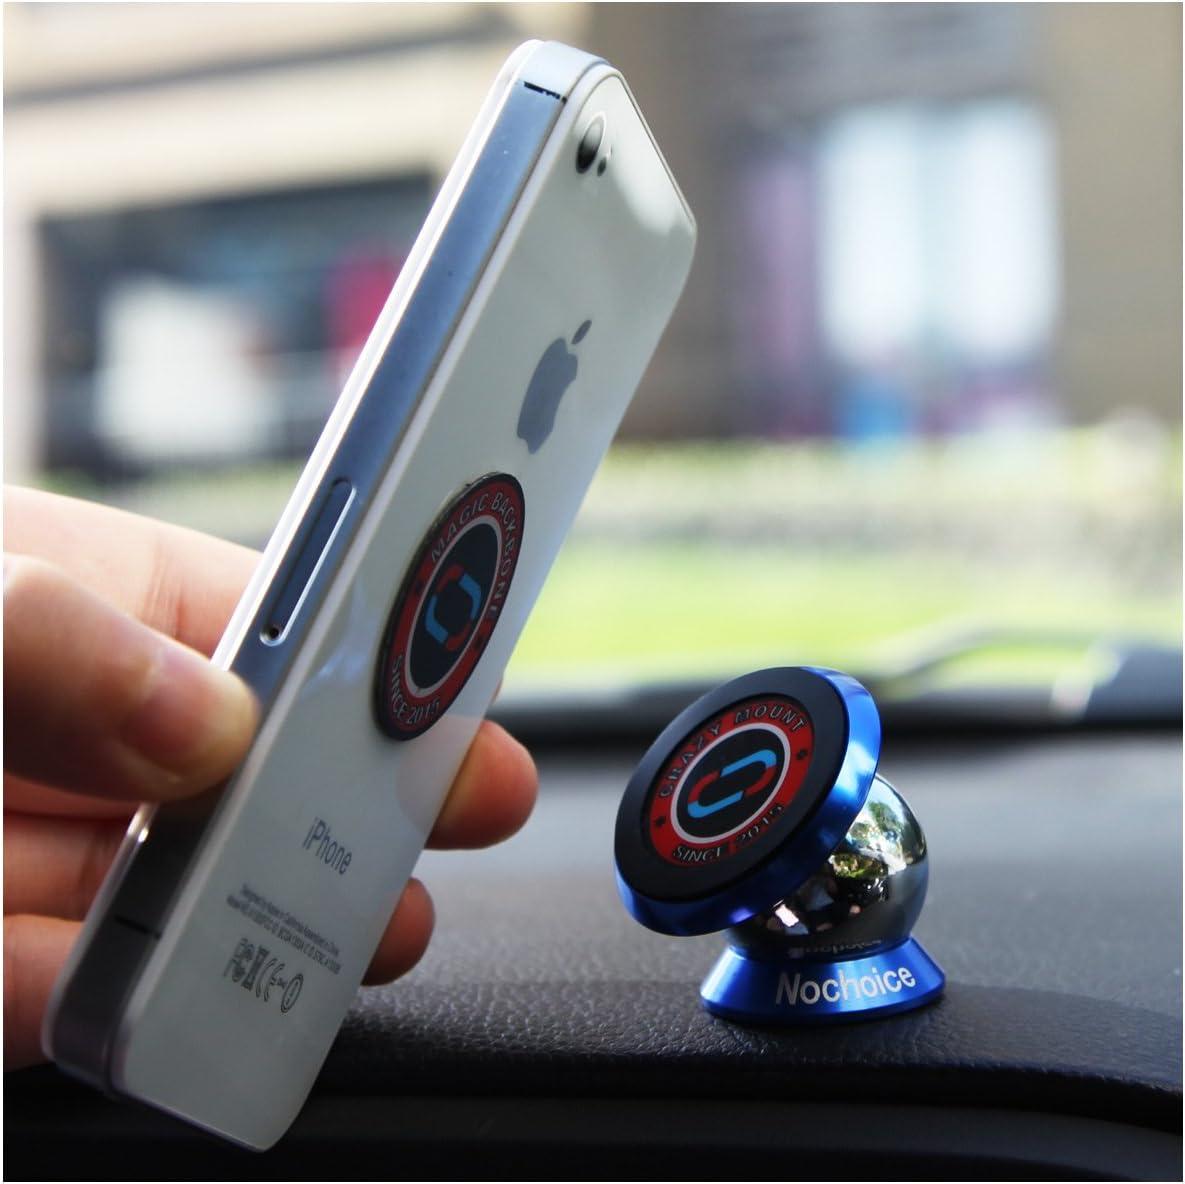 Nochoice Einstellbar Kfz Handyhalter Für Universal Elektronik